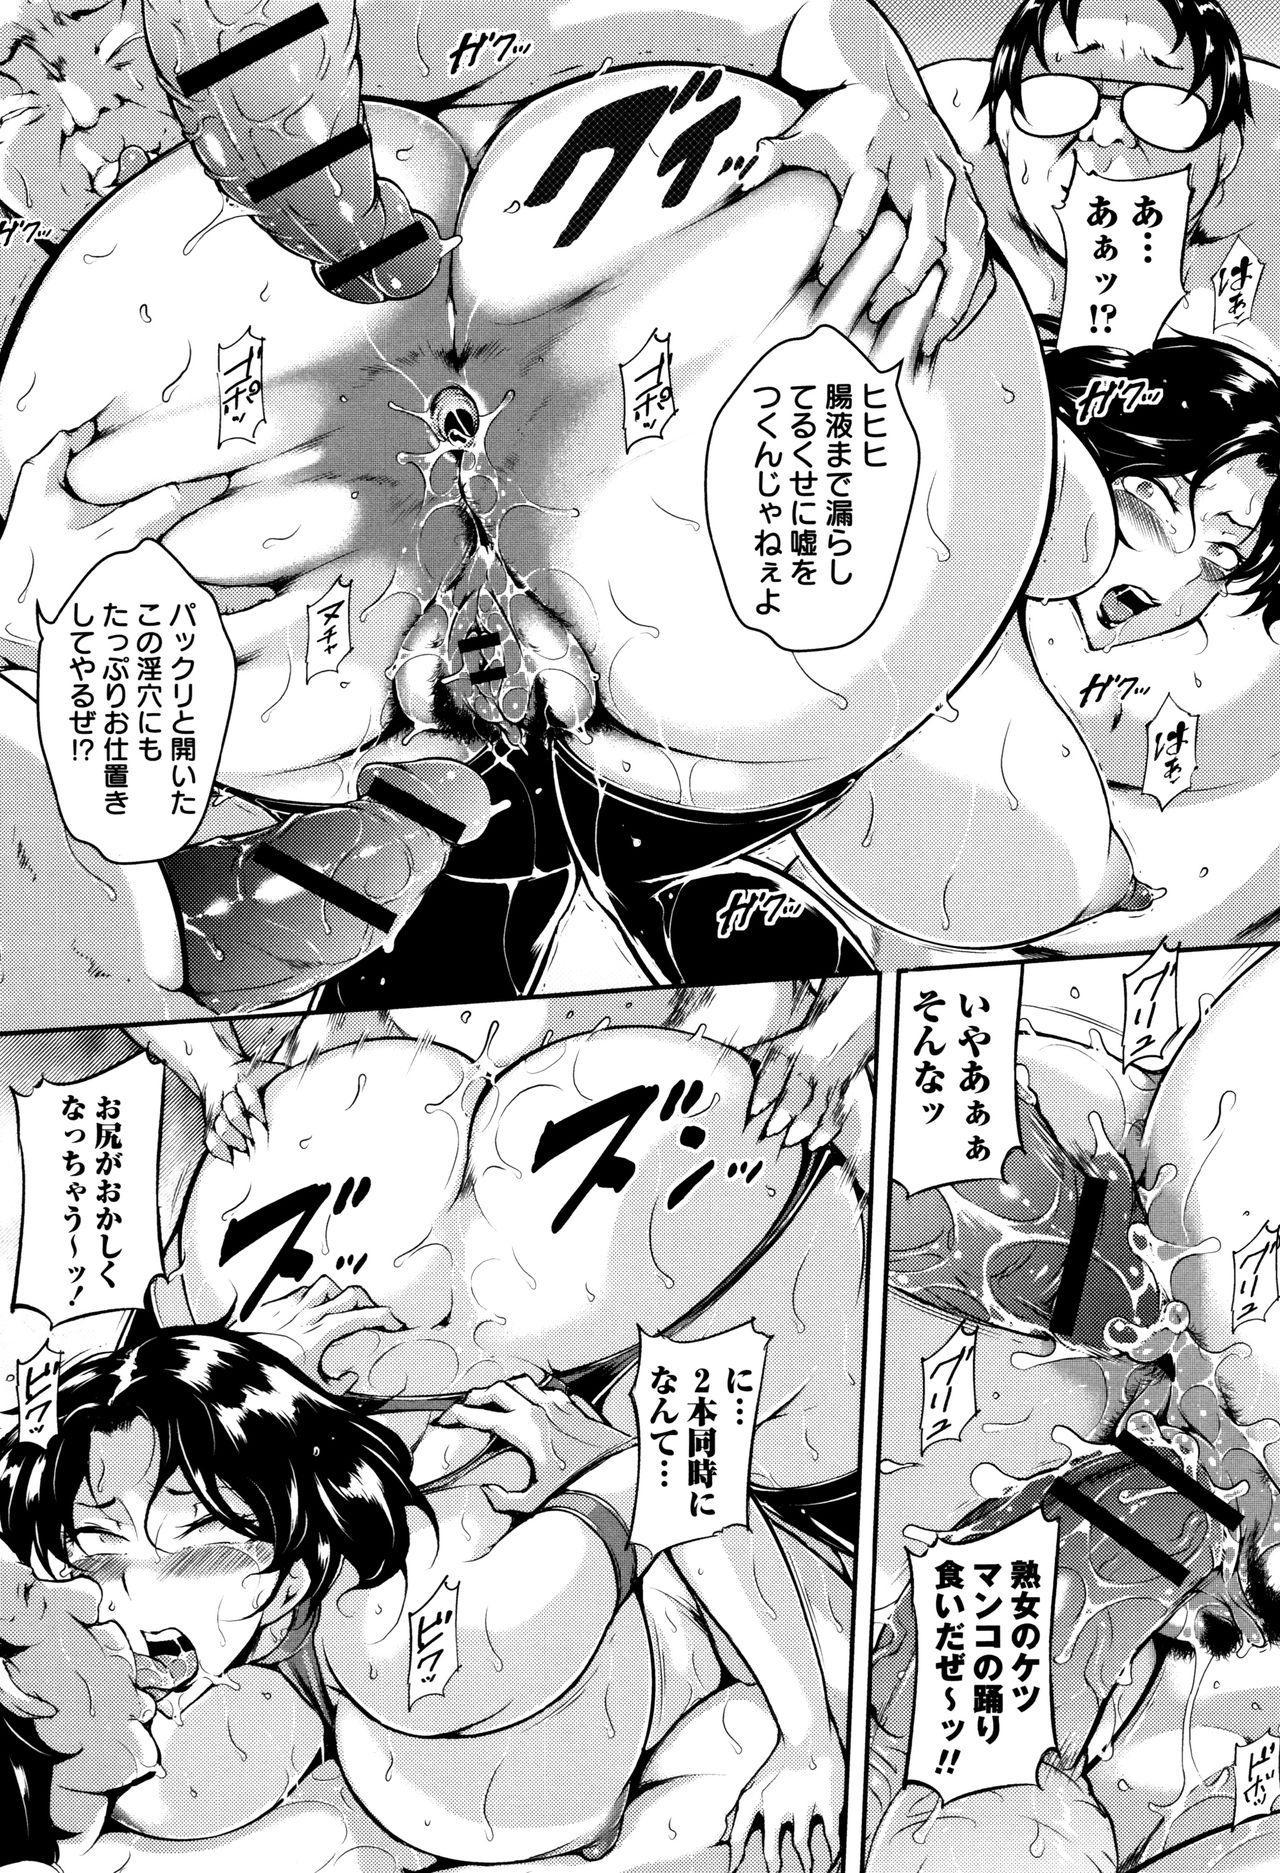 Ero BBA ♥ Dosukebe Ha Sengen 64